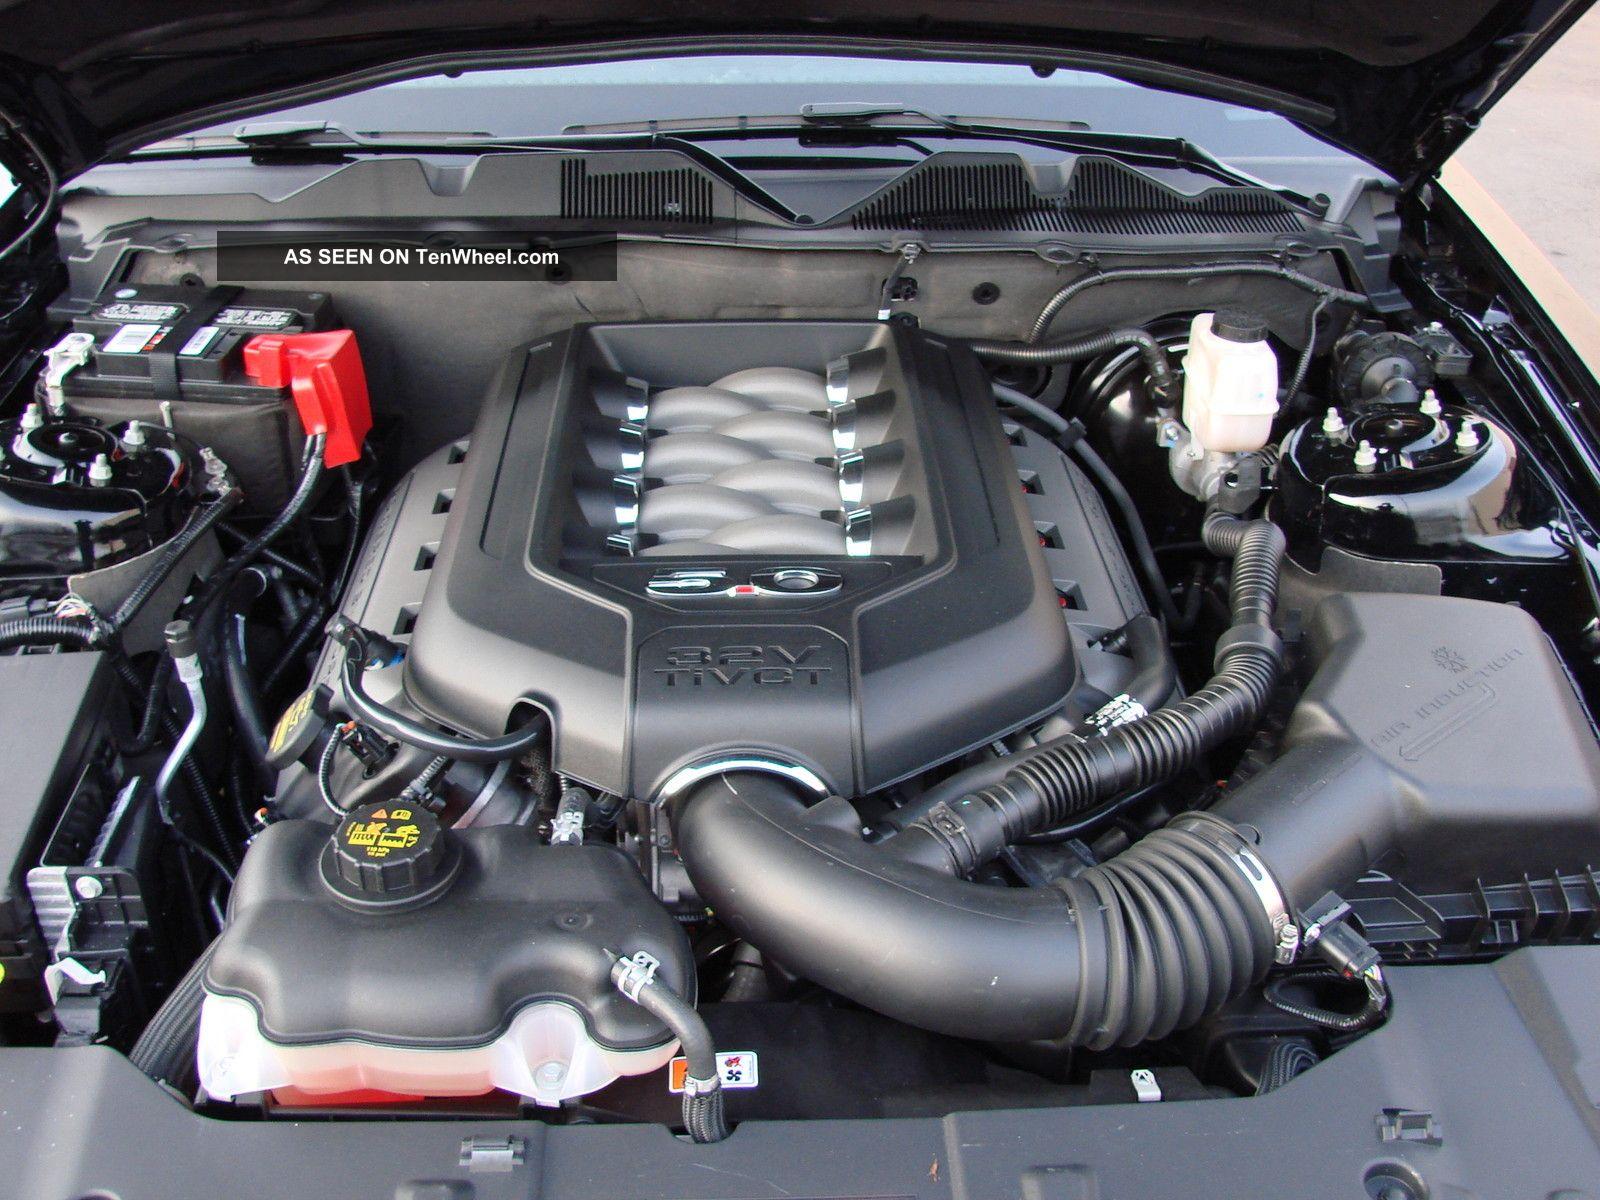 2013 ford mustang gt 6 spd 5 0l v8 coyote engine svt gt500 wheels brembo brakes. Black Bedroom Furniture Sets. Home Design Ideas